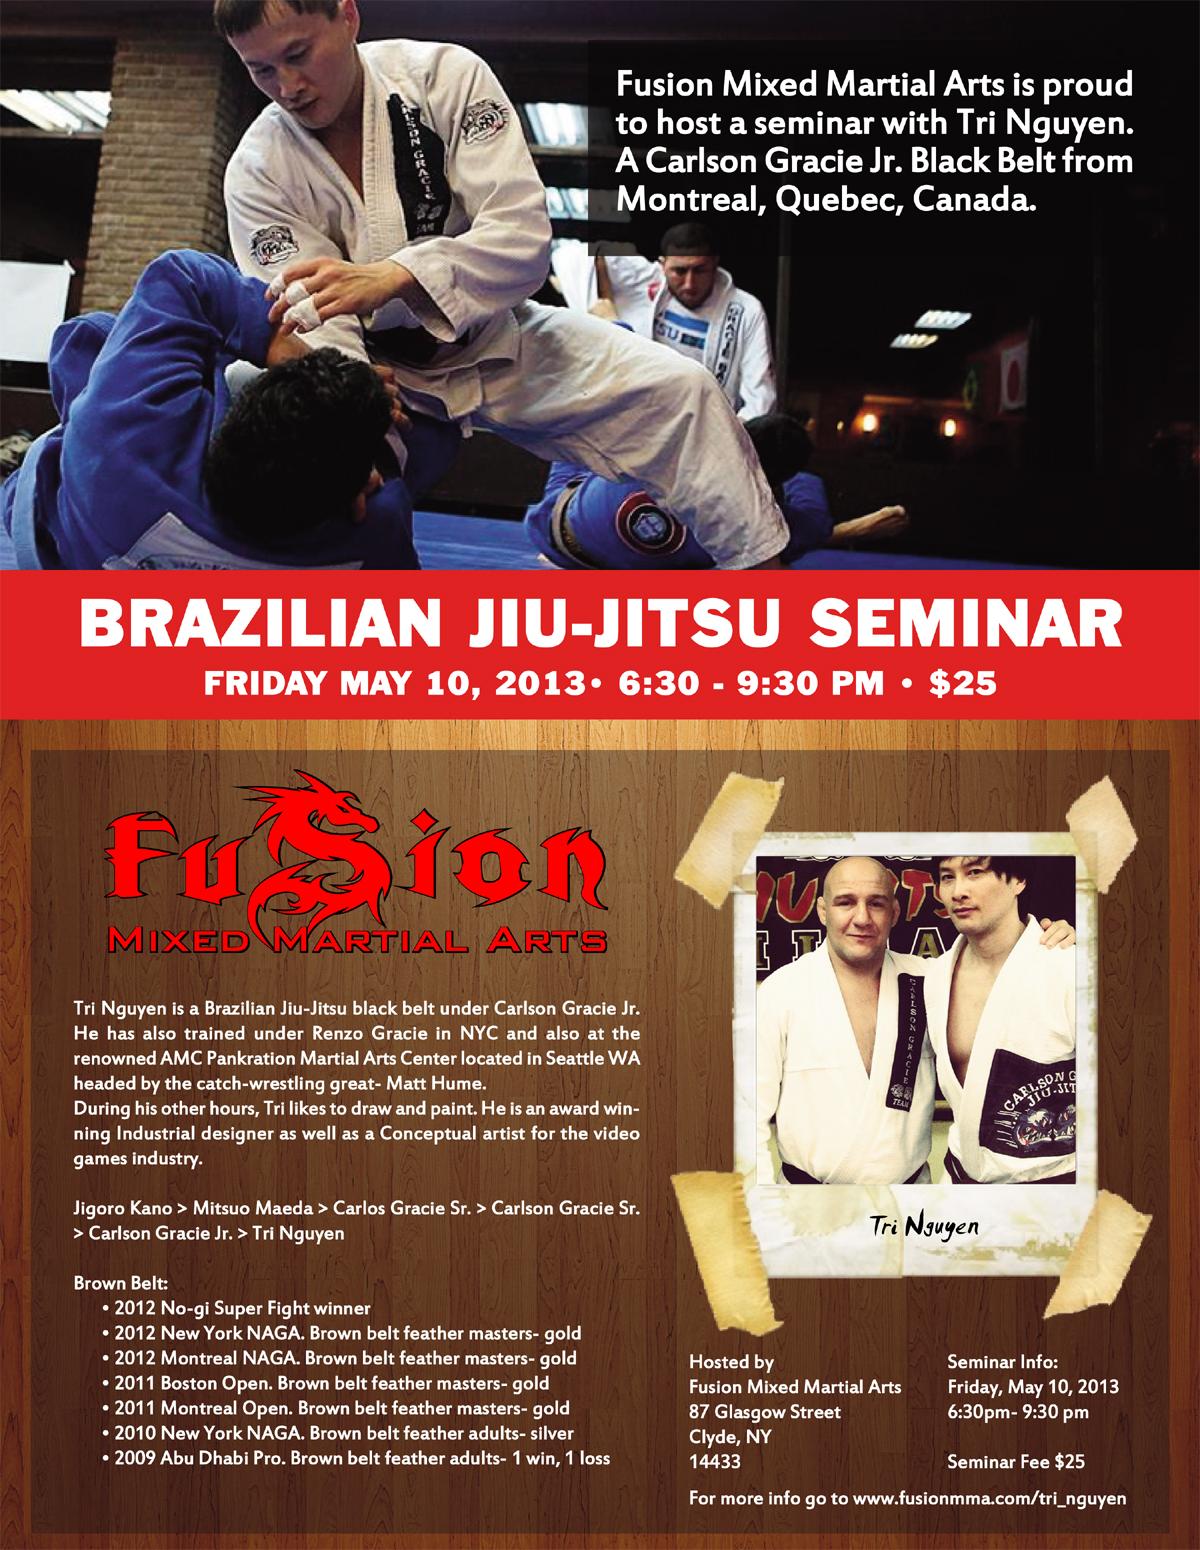 Brazilian JiuJitsu Seminar Flyer Creative Farm Design – Seminar Flyer